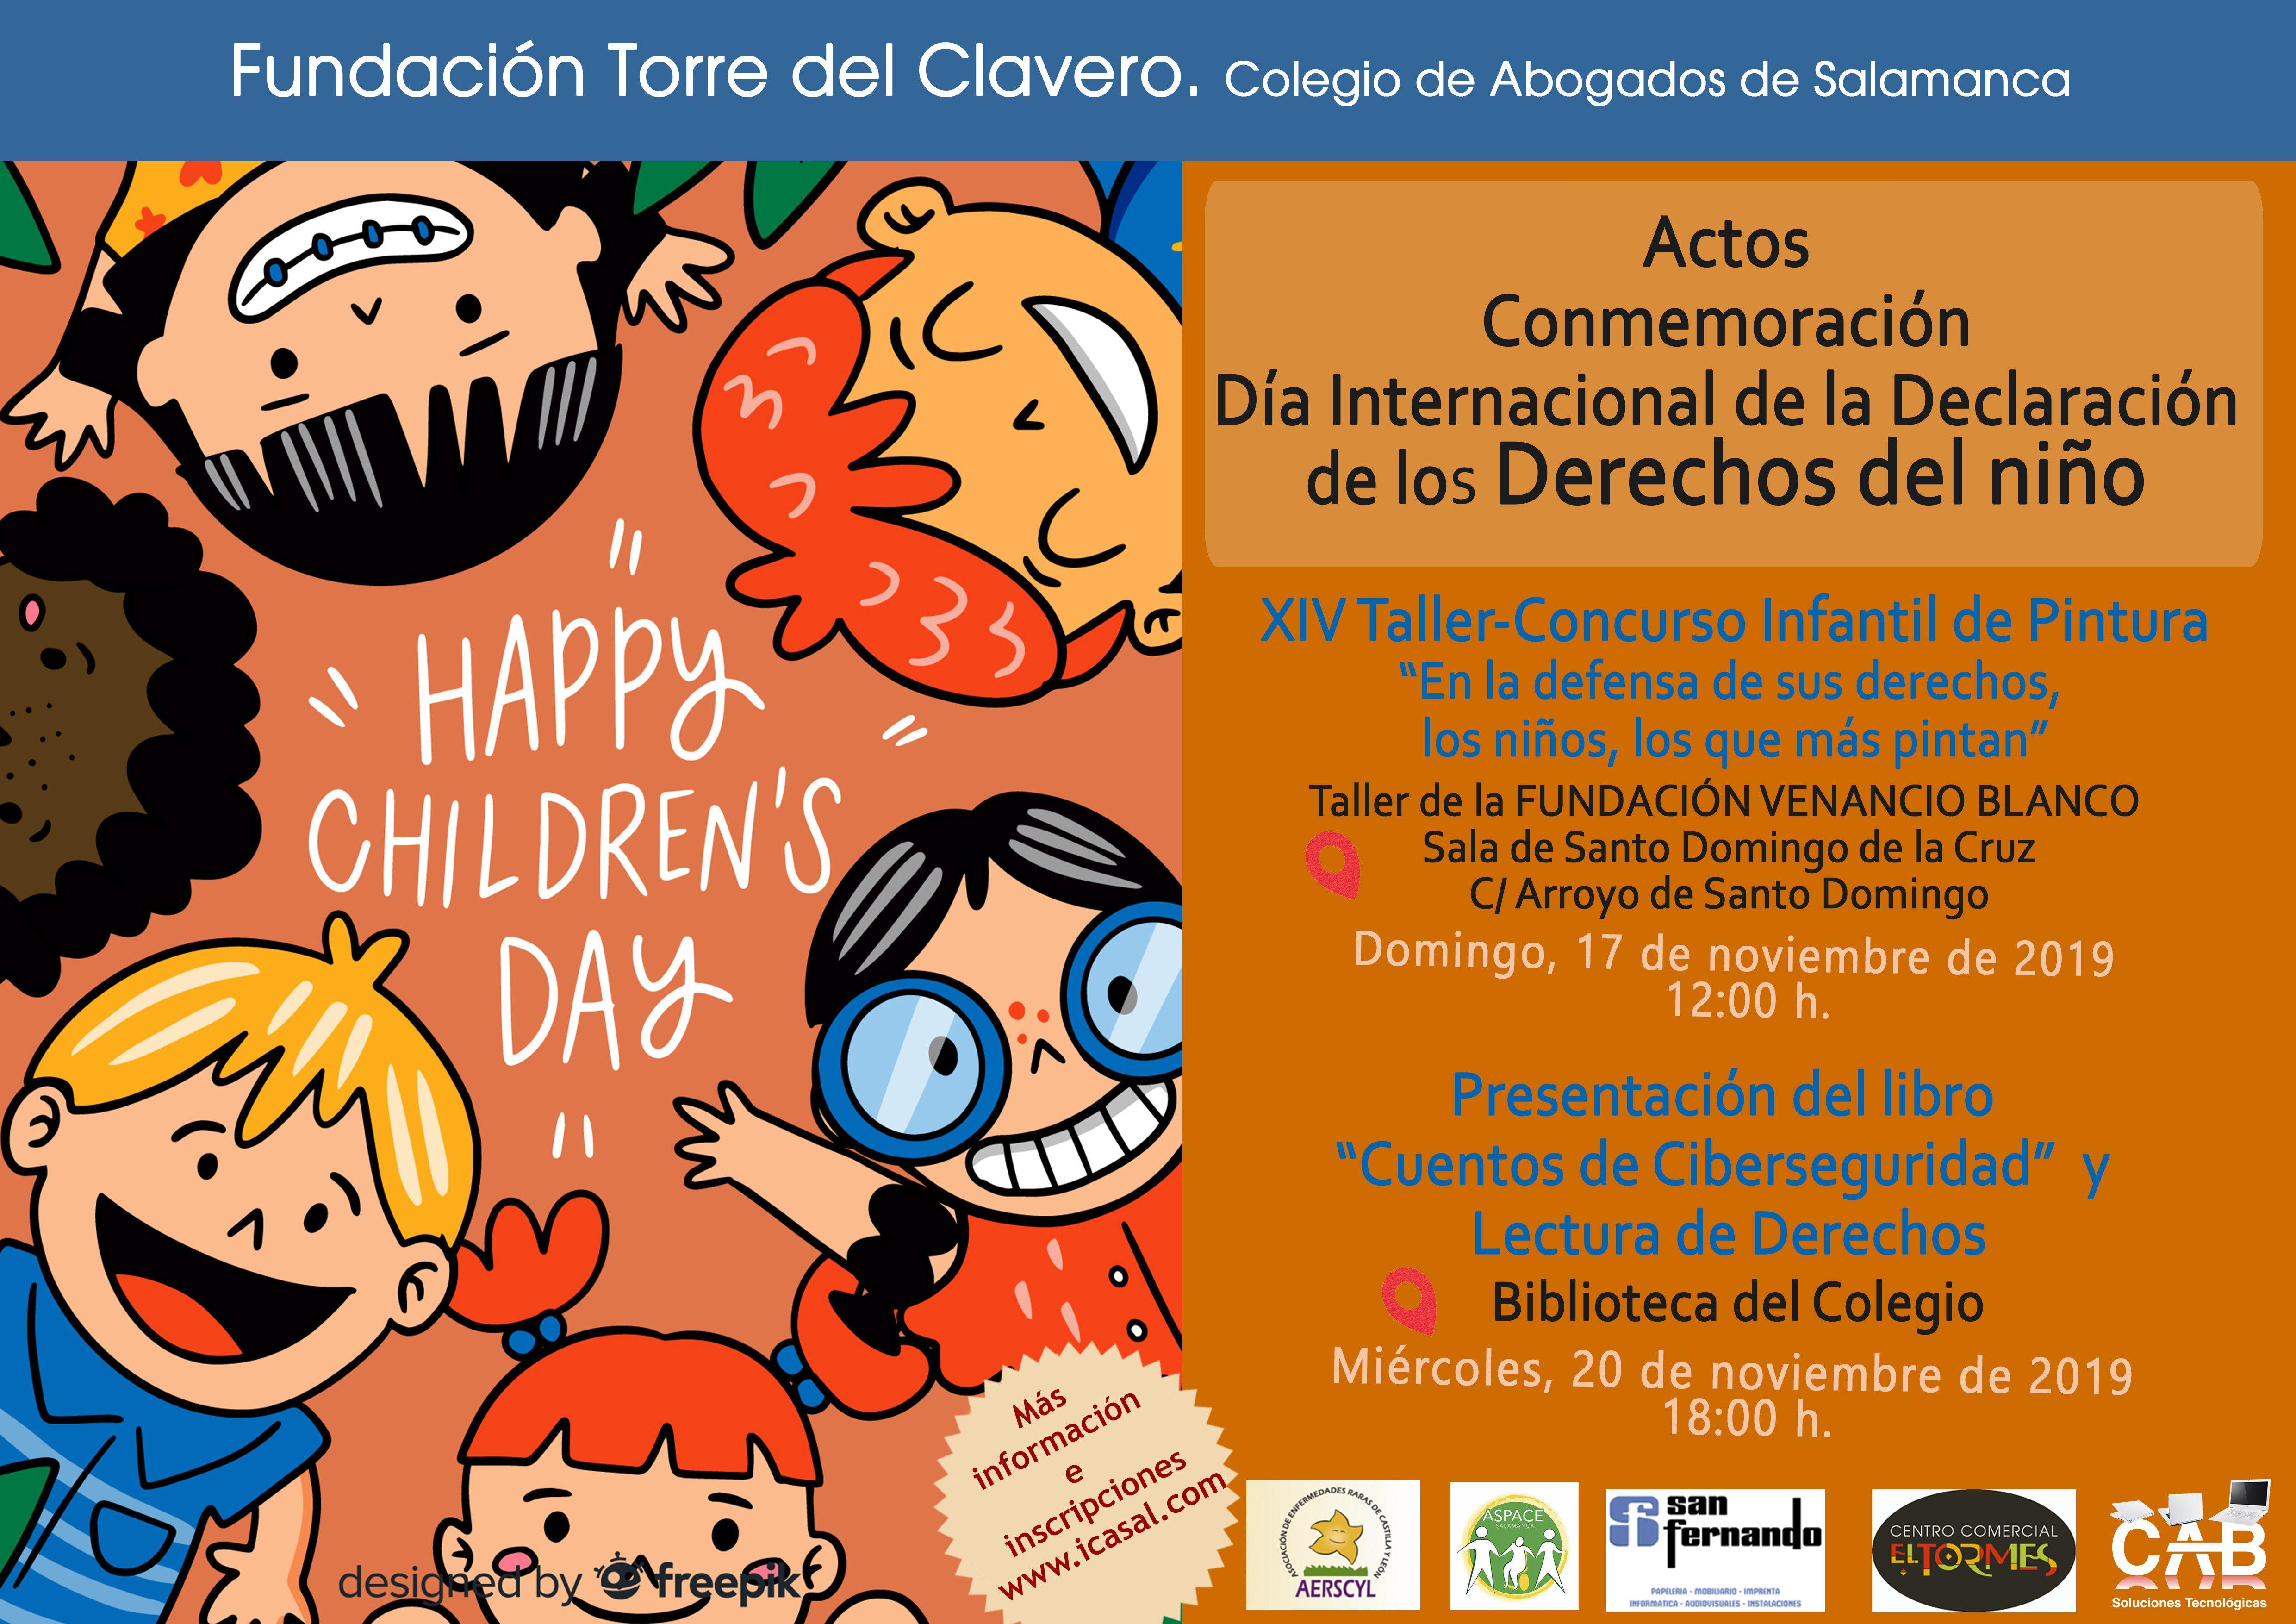 El Colegio de Abogados organiza varios actos por el Día Internacional de la Declaración de los Derechos del niño - Salamanca 24 Horas